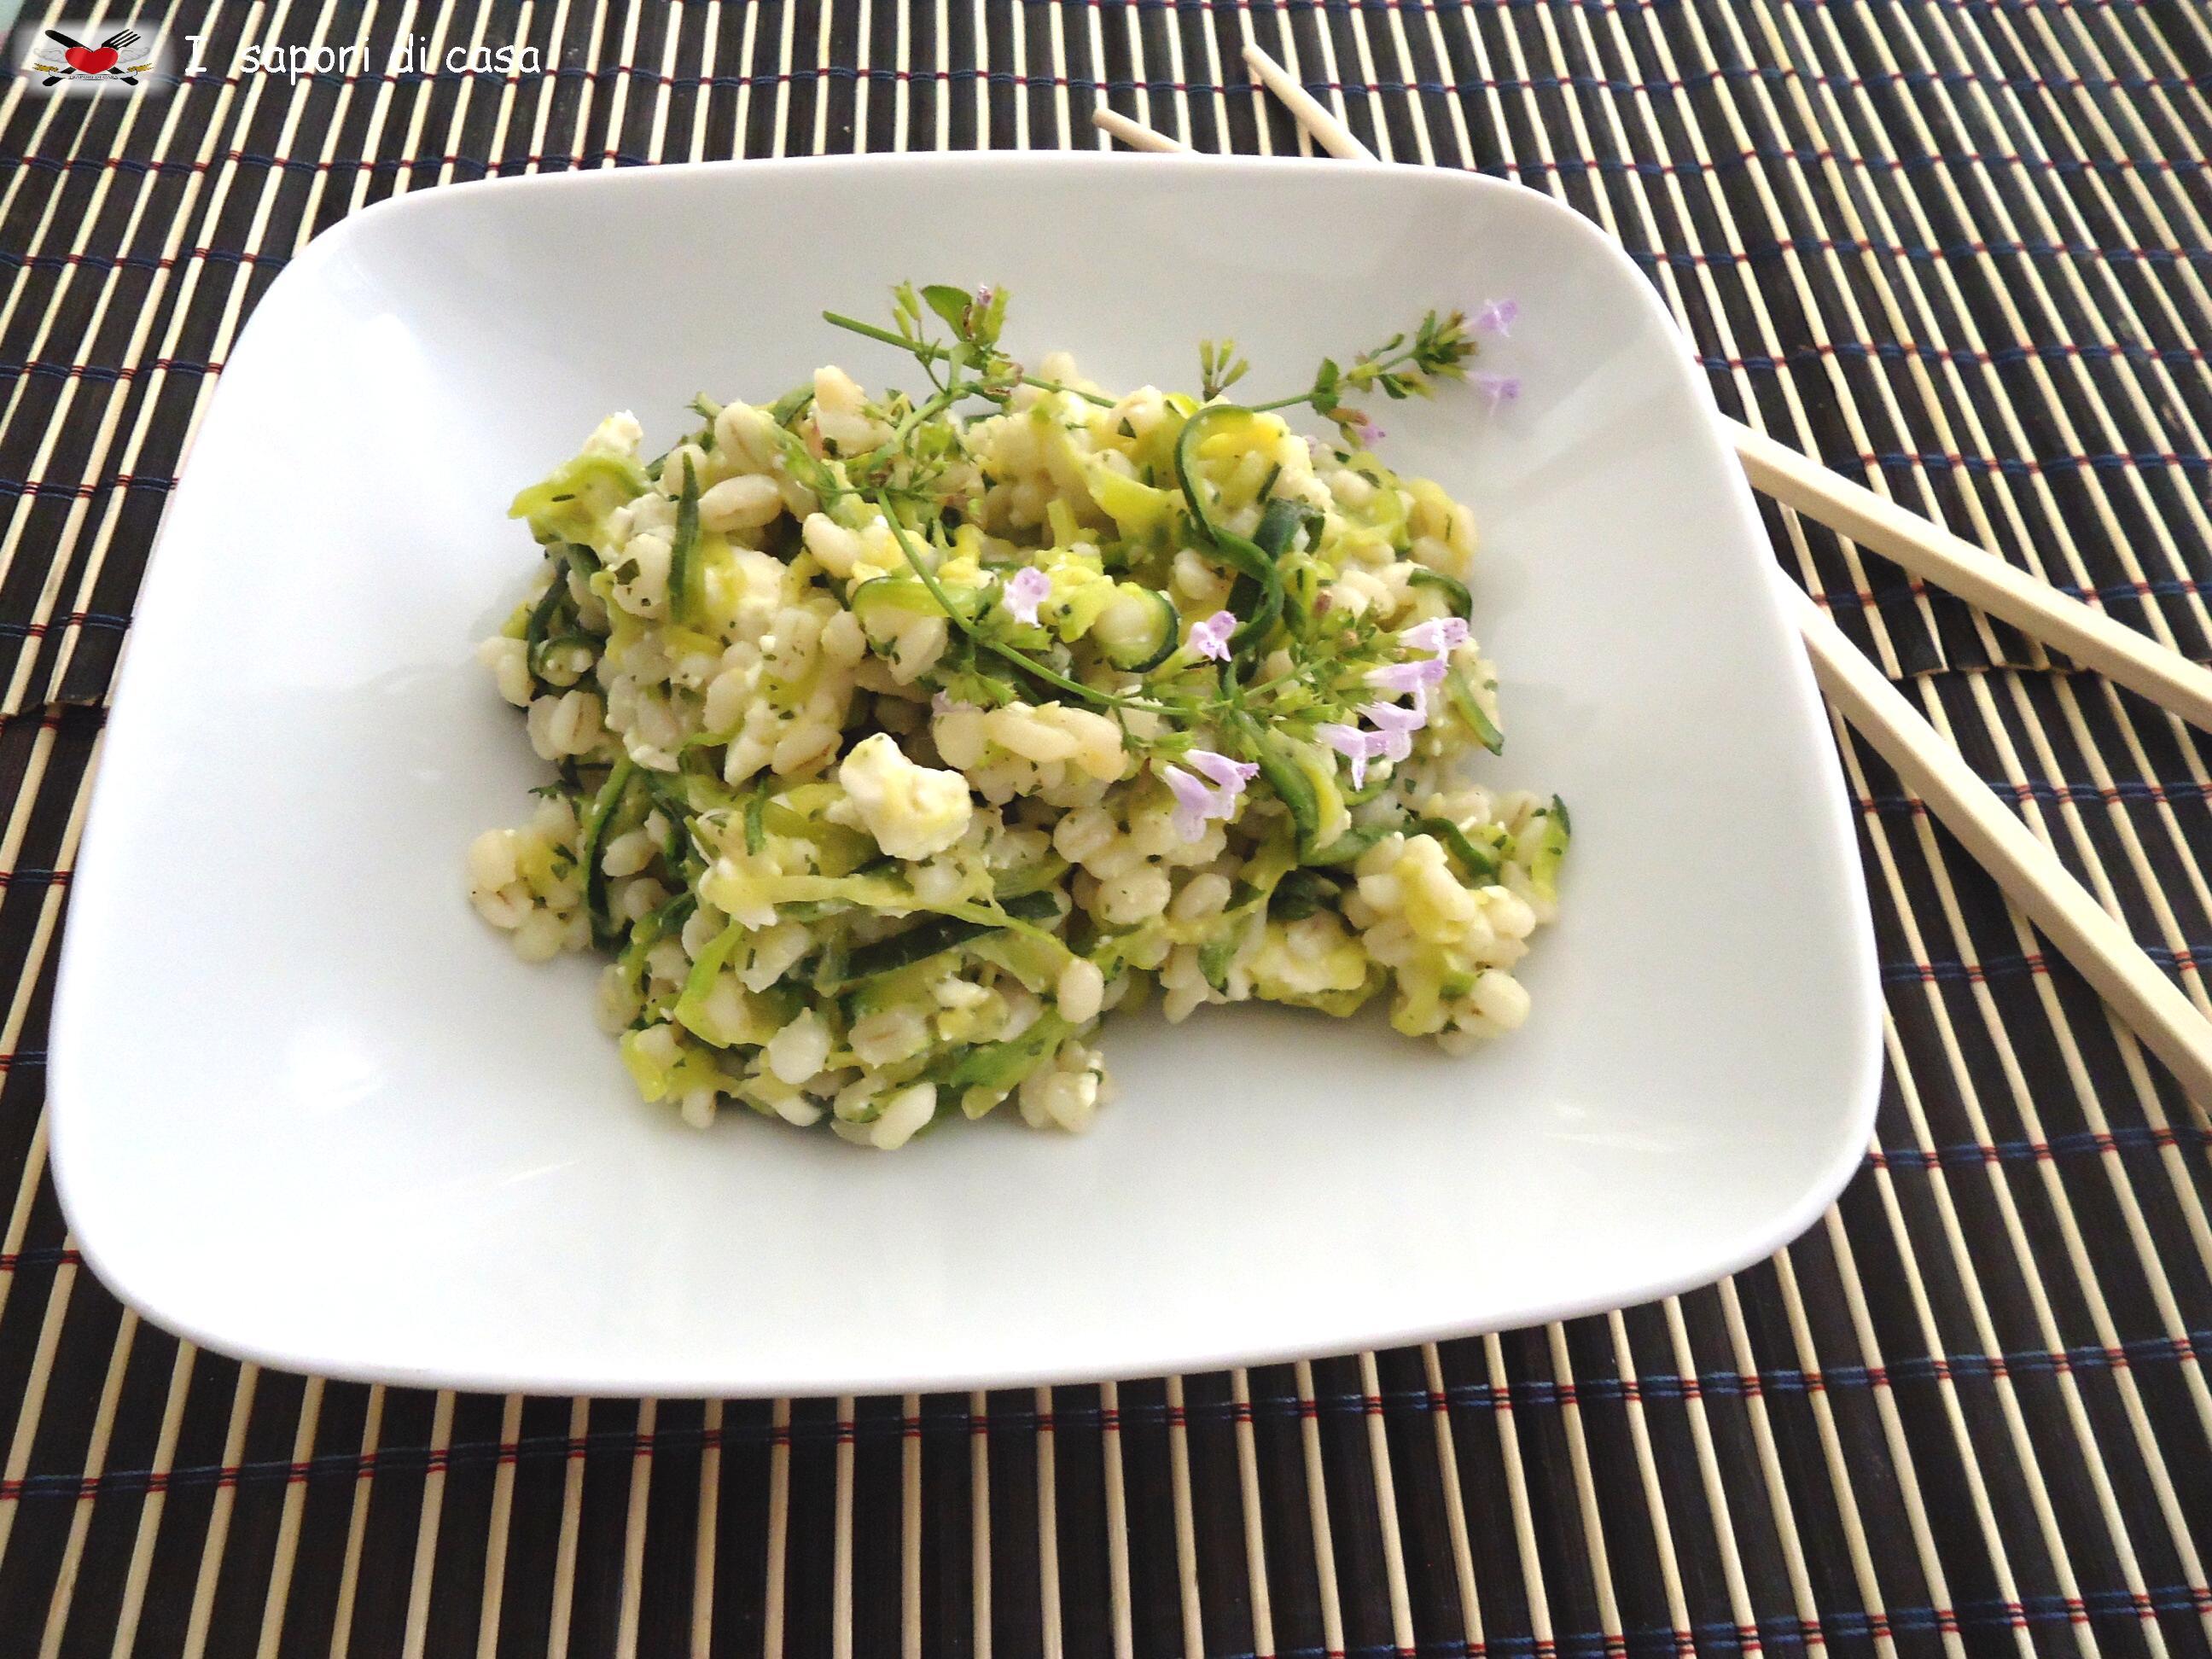 Orzotto con julienne di zucchine